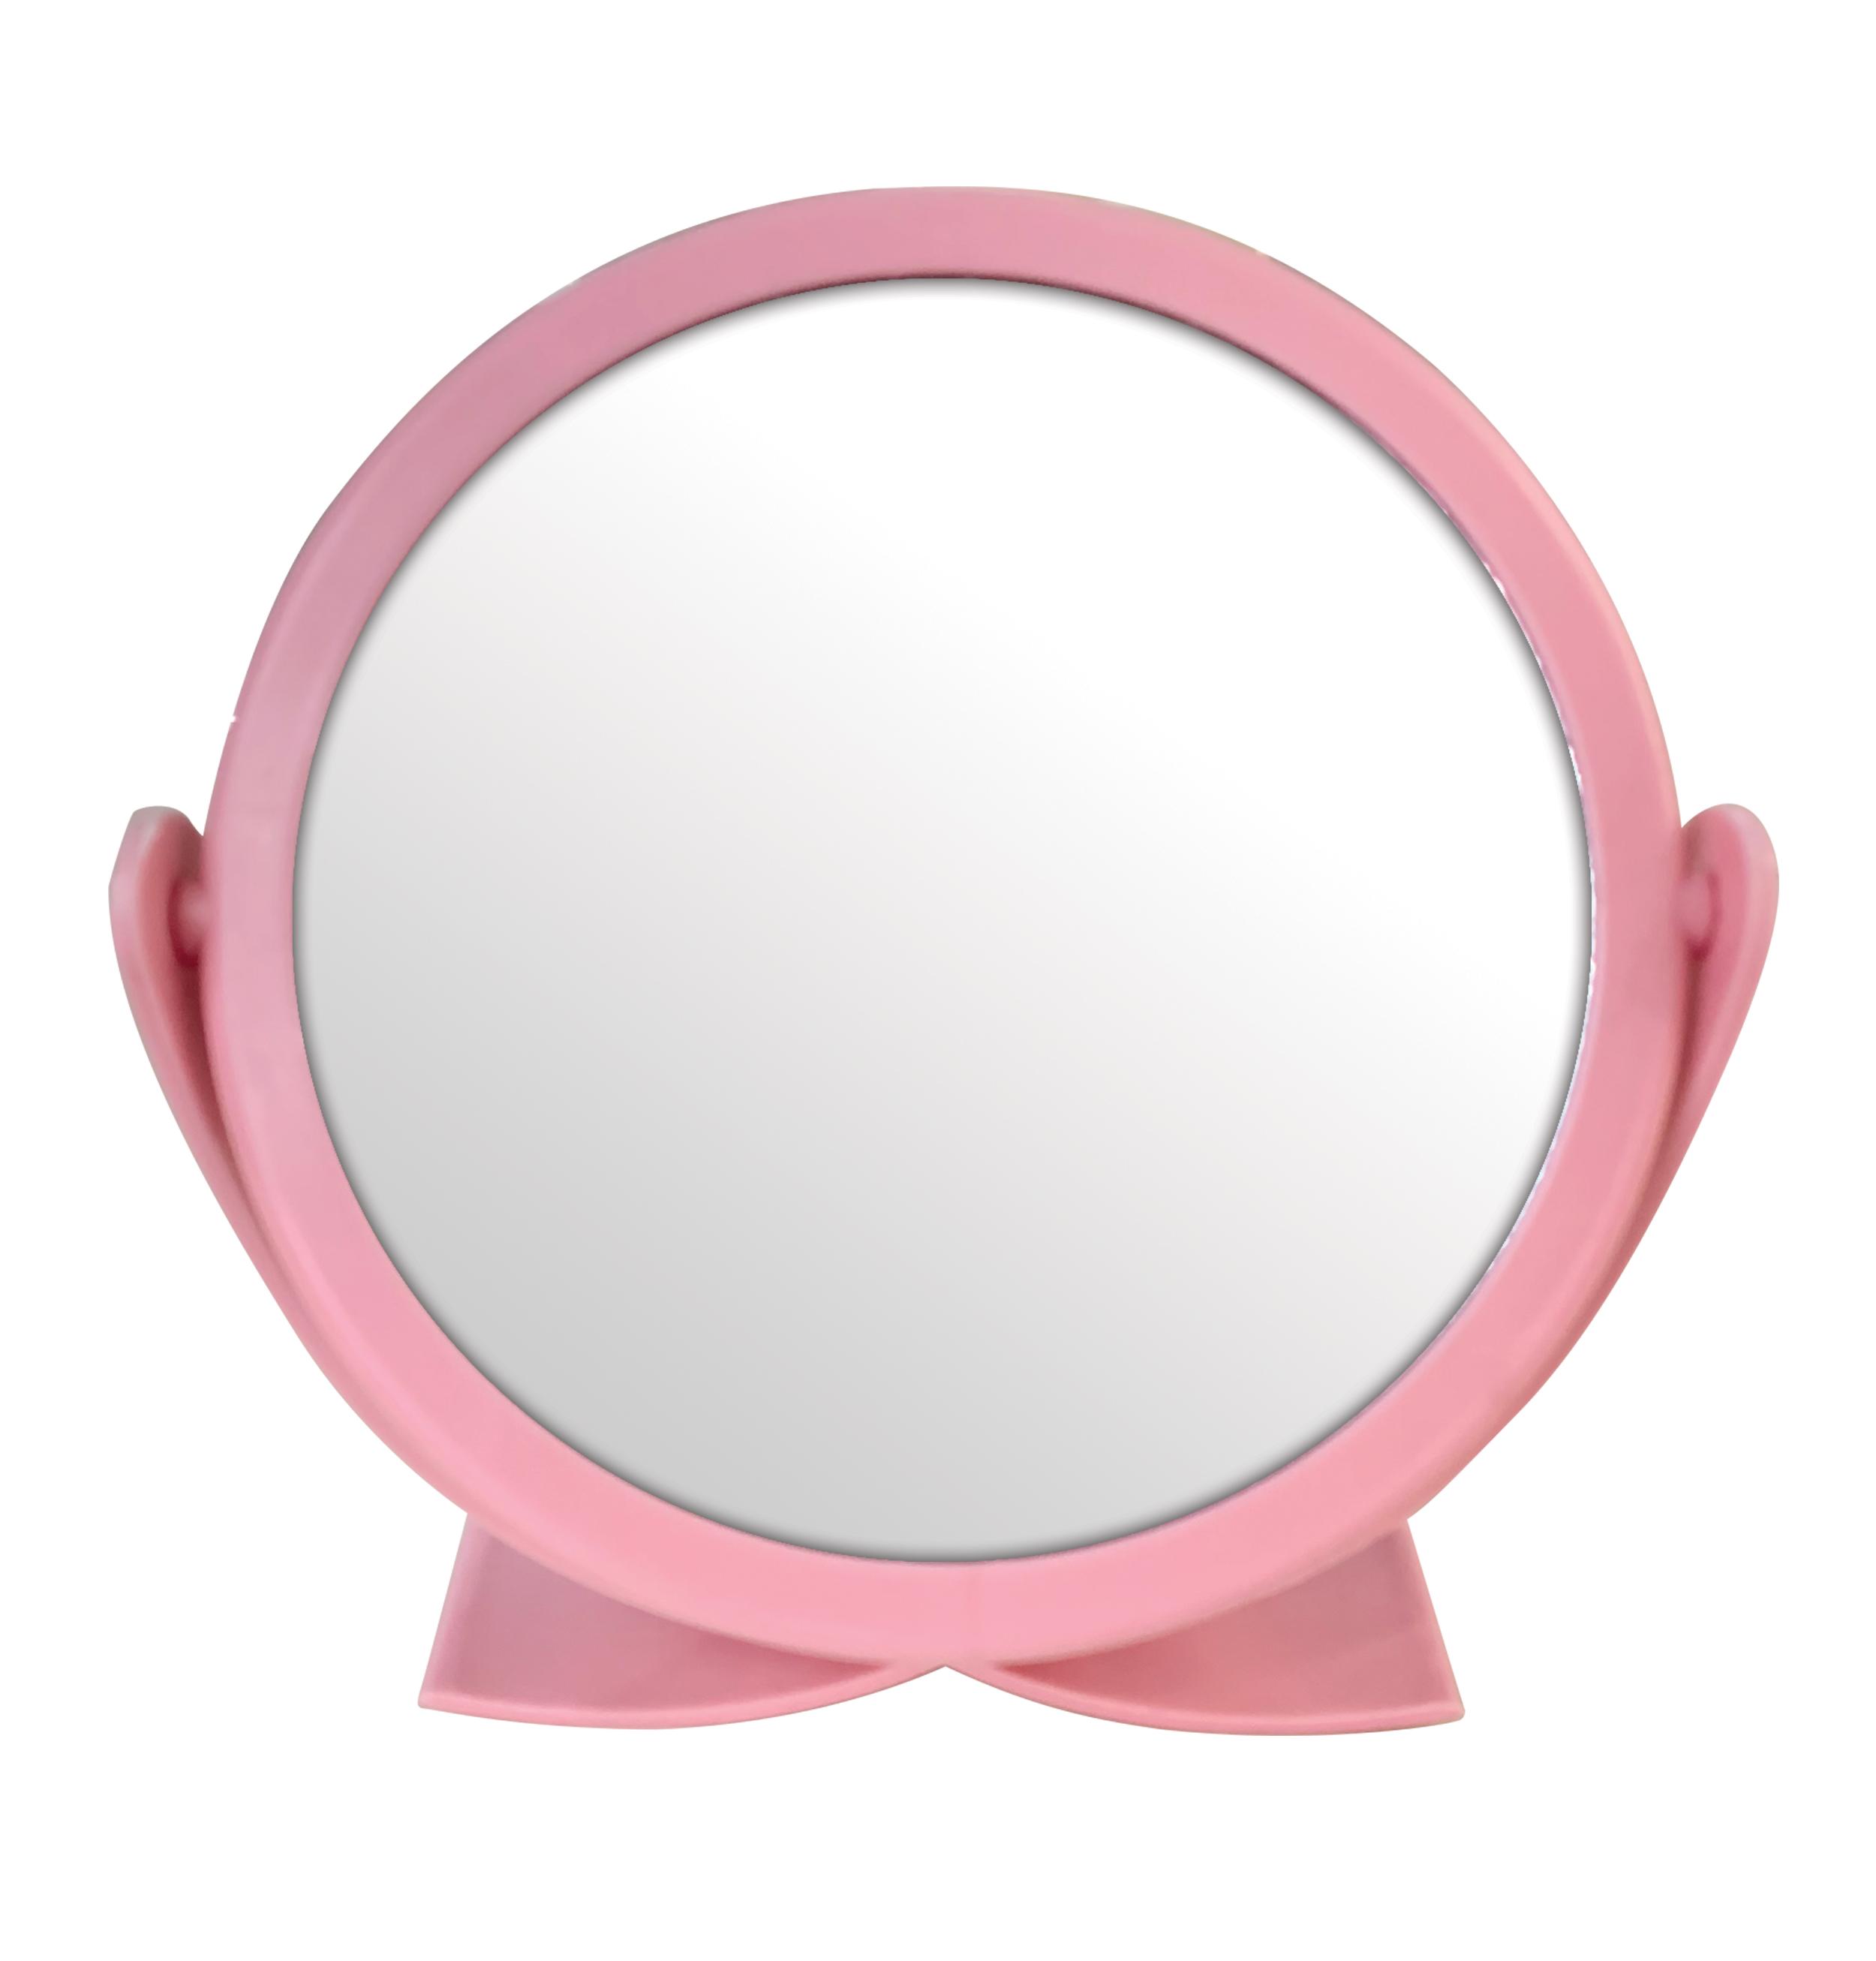 Καθρέφτης επιτραπέζιος 16,5cm